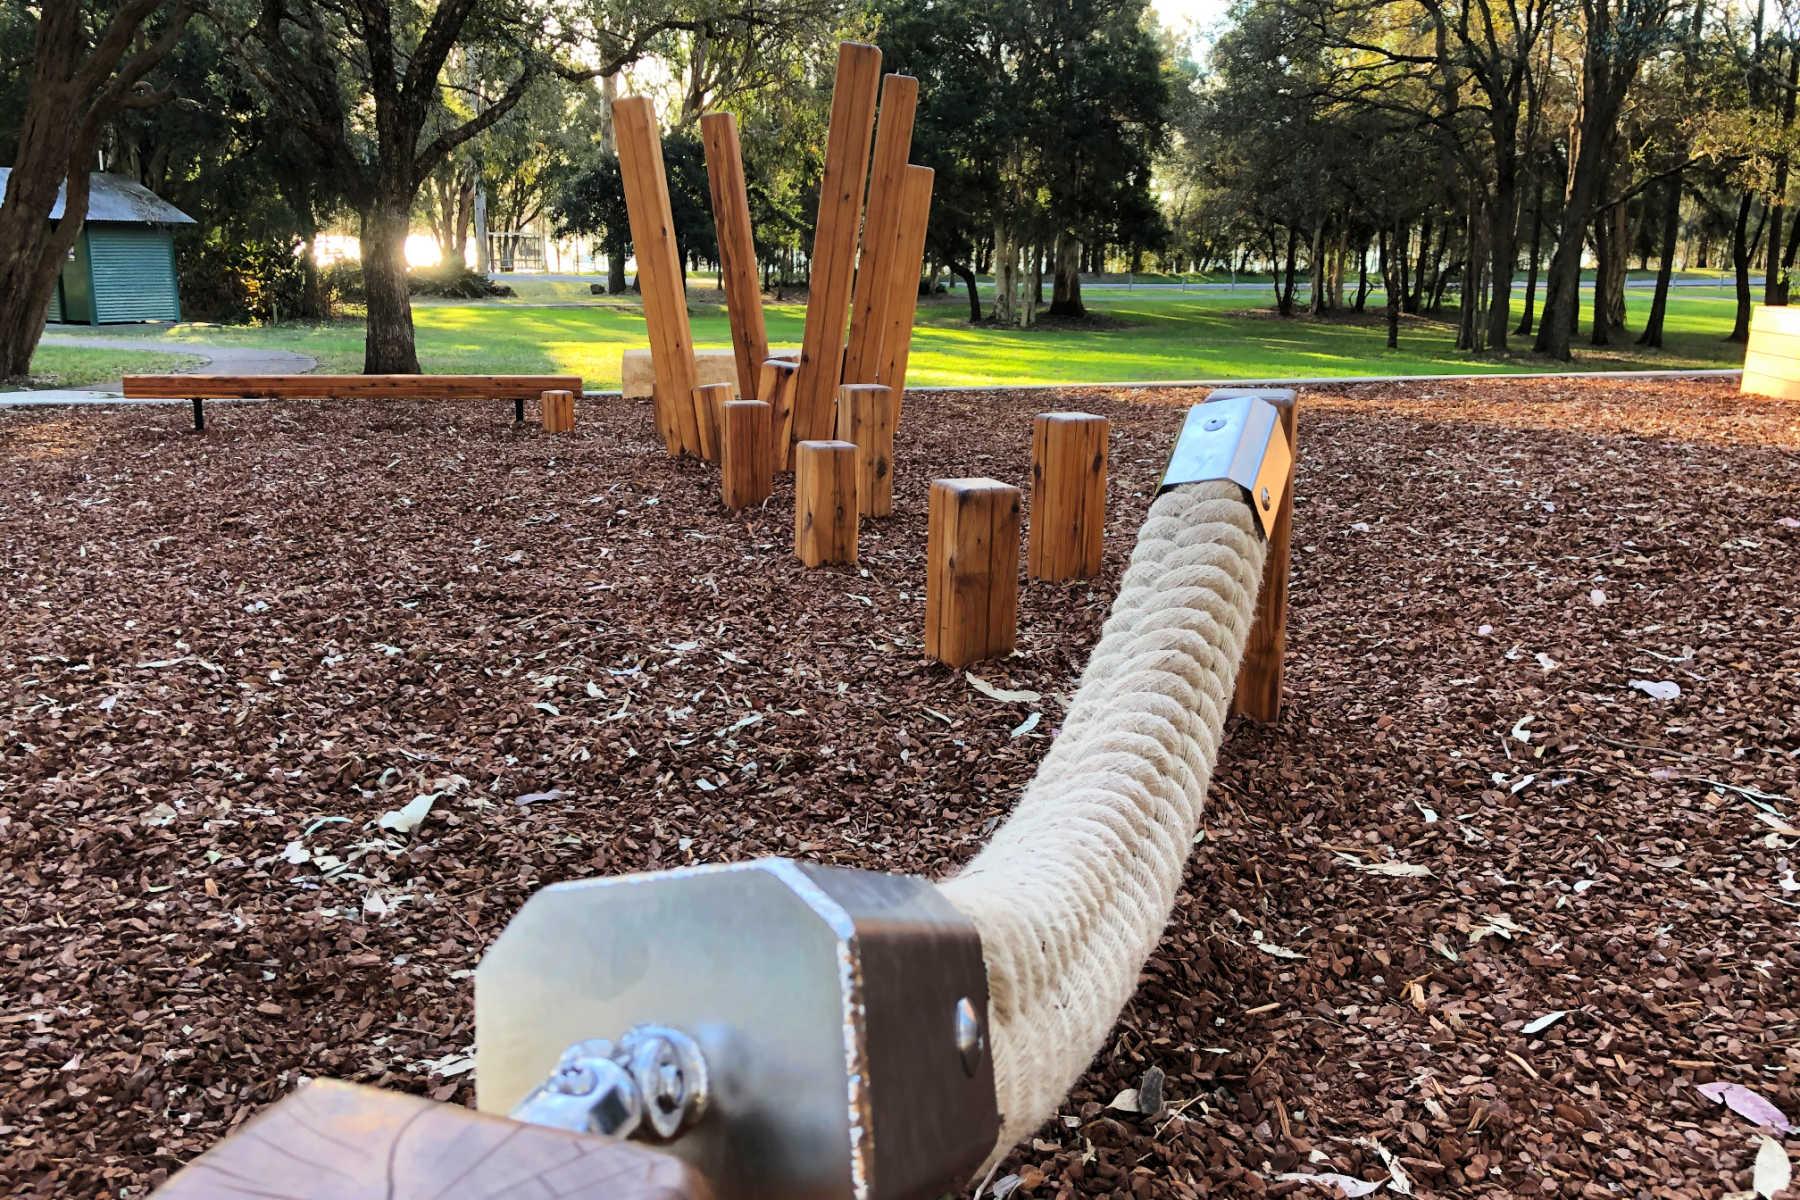 bunya-park-playground-community-garden-main